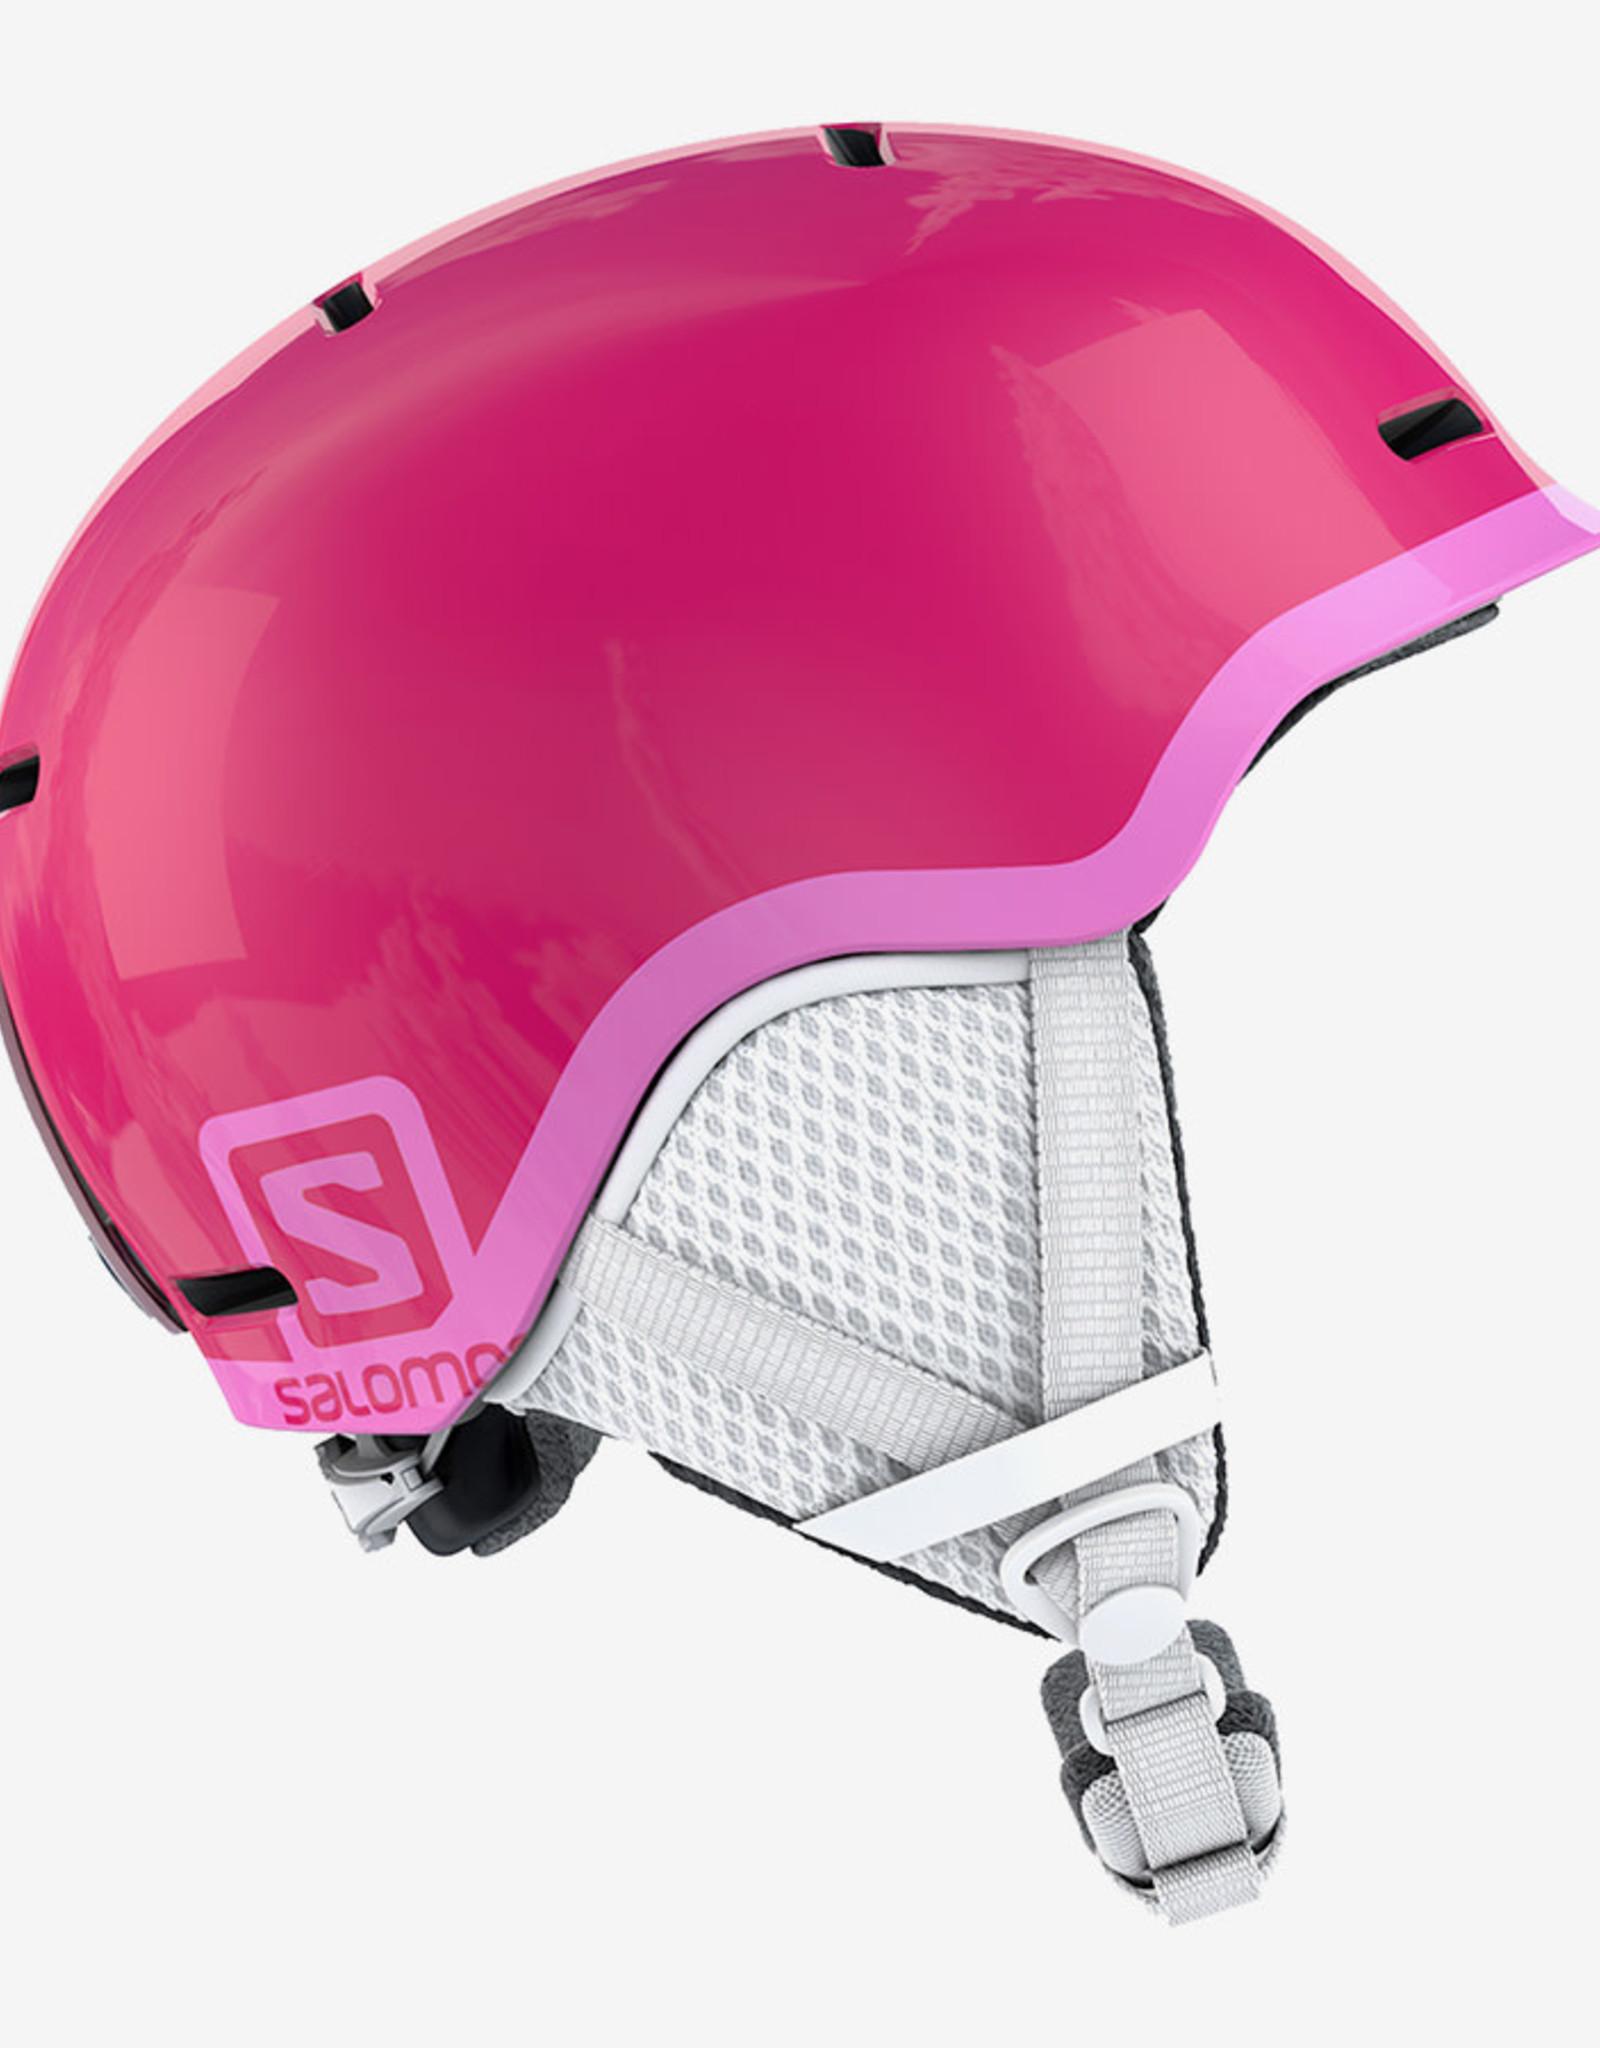 Salomon - GROM Jr Helmet - Gloss Pink -